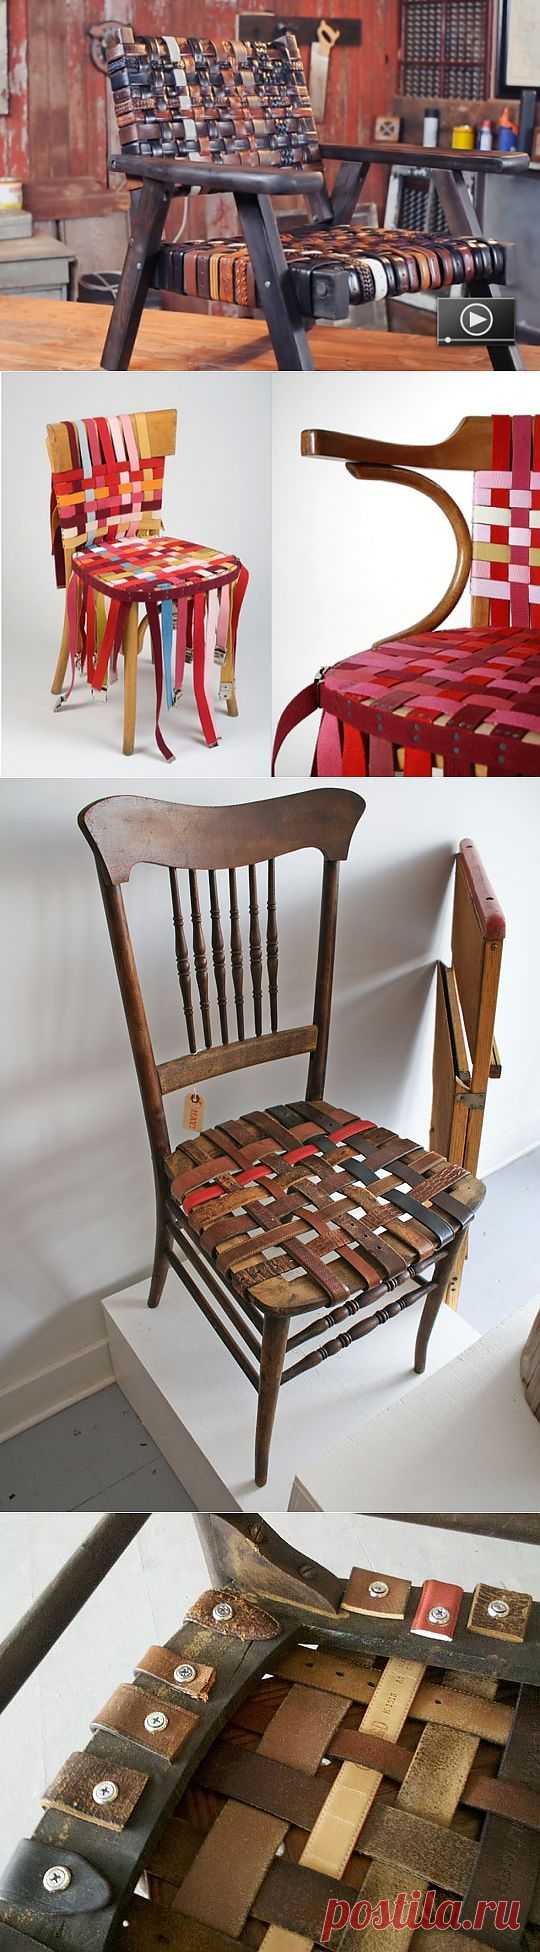 Плетёные стулья (подборка) / Мебель / Модный сайт о стильной переделке одежды и интерьера